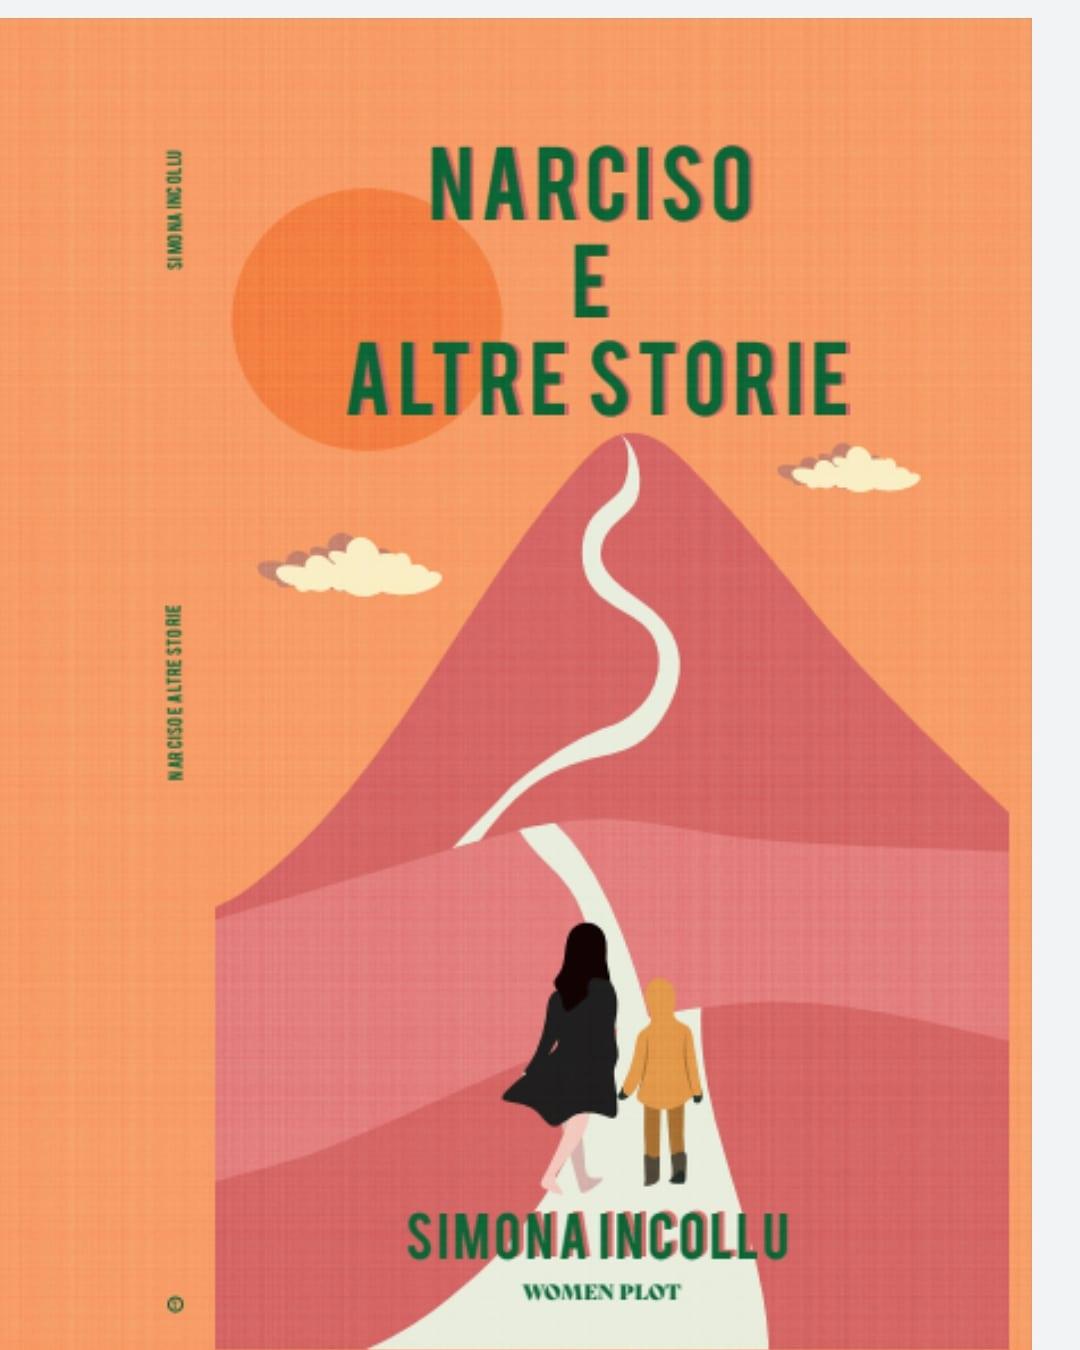 Copertina del libro Narciso e altre storie